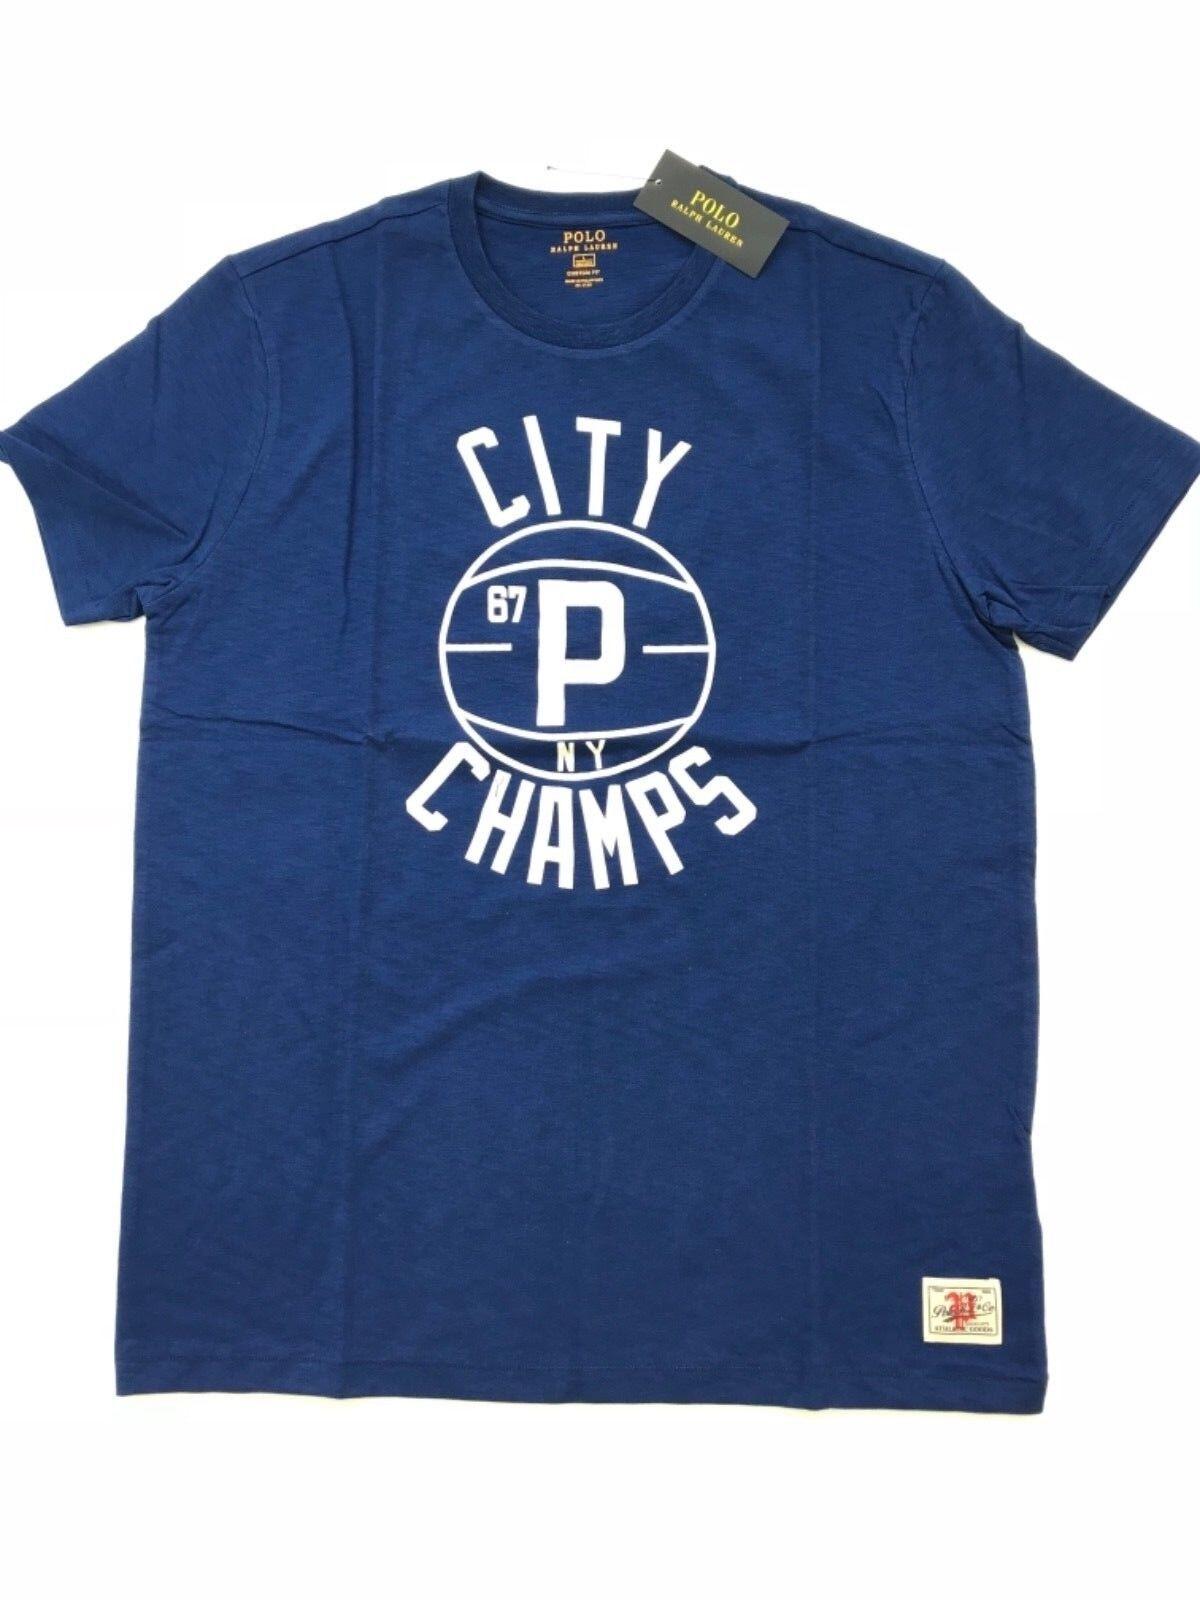 RALPH LAUREN bluee City Champs - Size   Medium - bluee